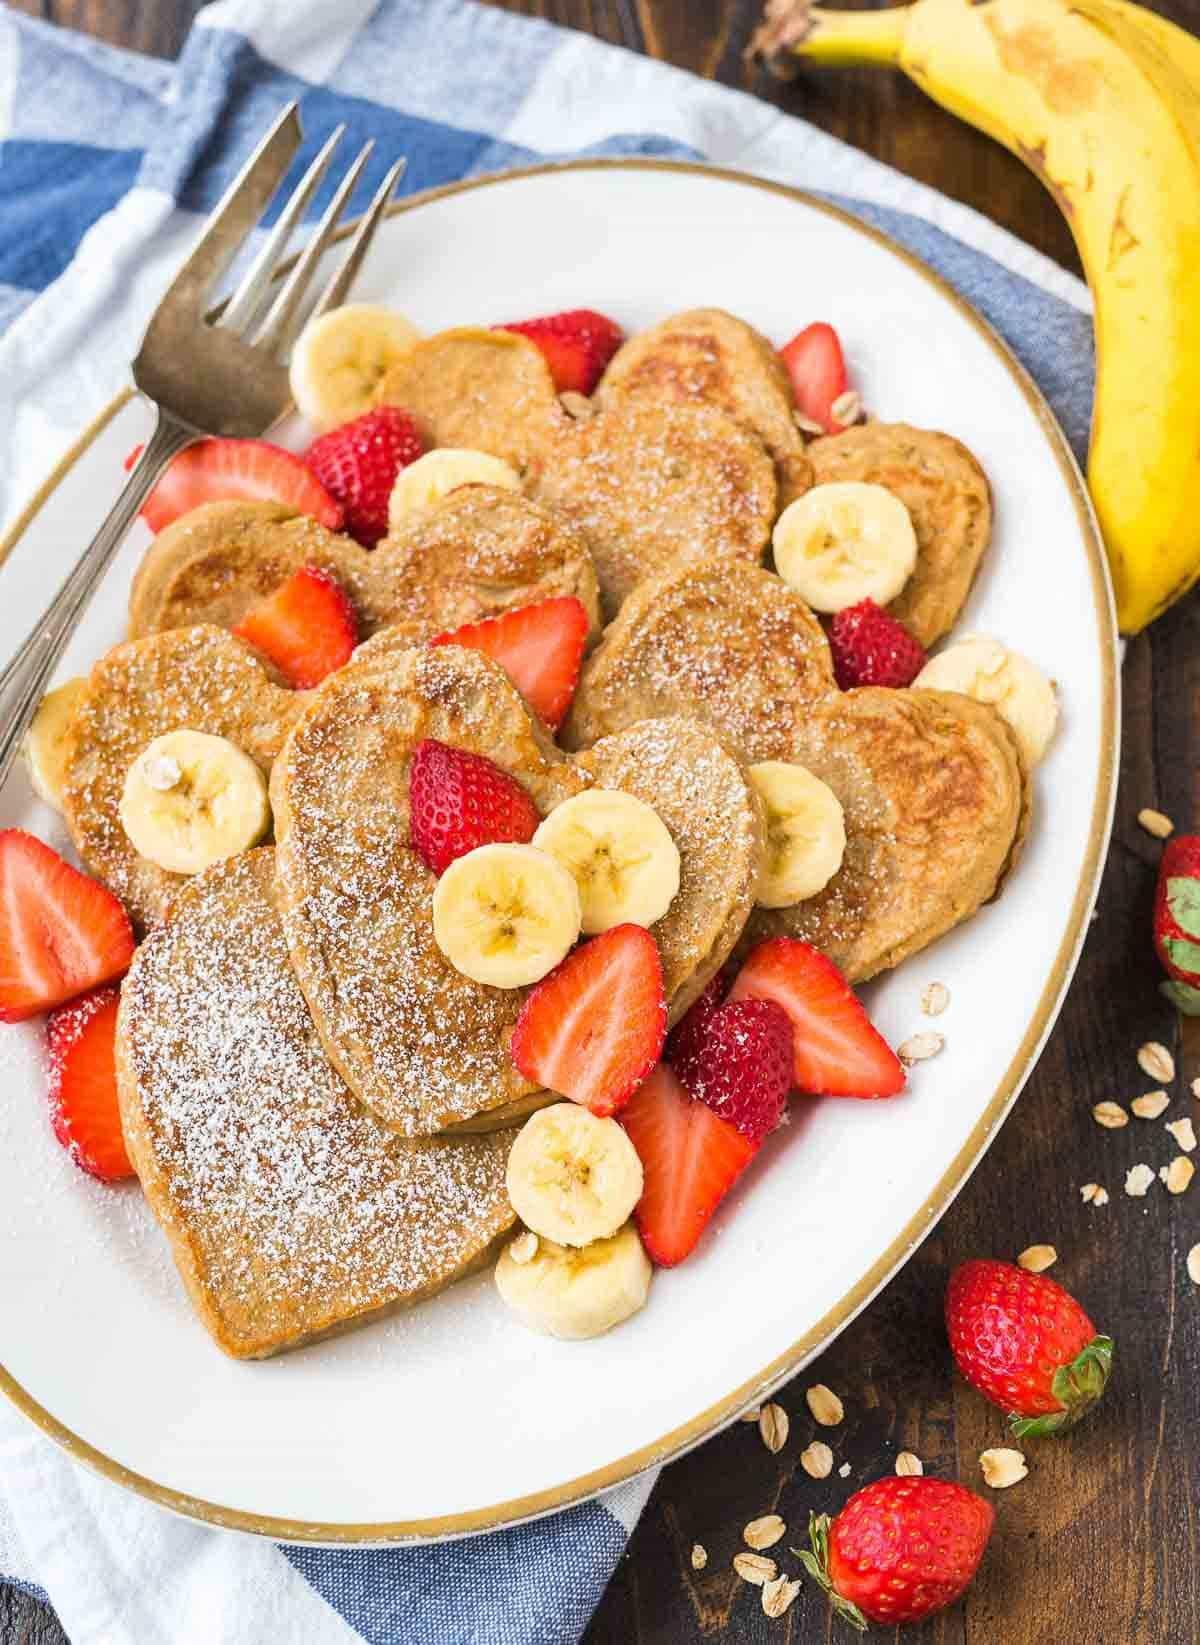 Healthy Oatmeal Banana Pancakes  Banana Oatmeal Pancakes